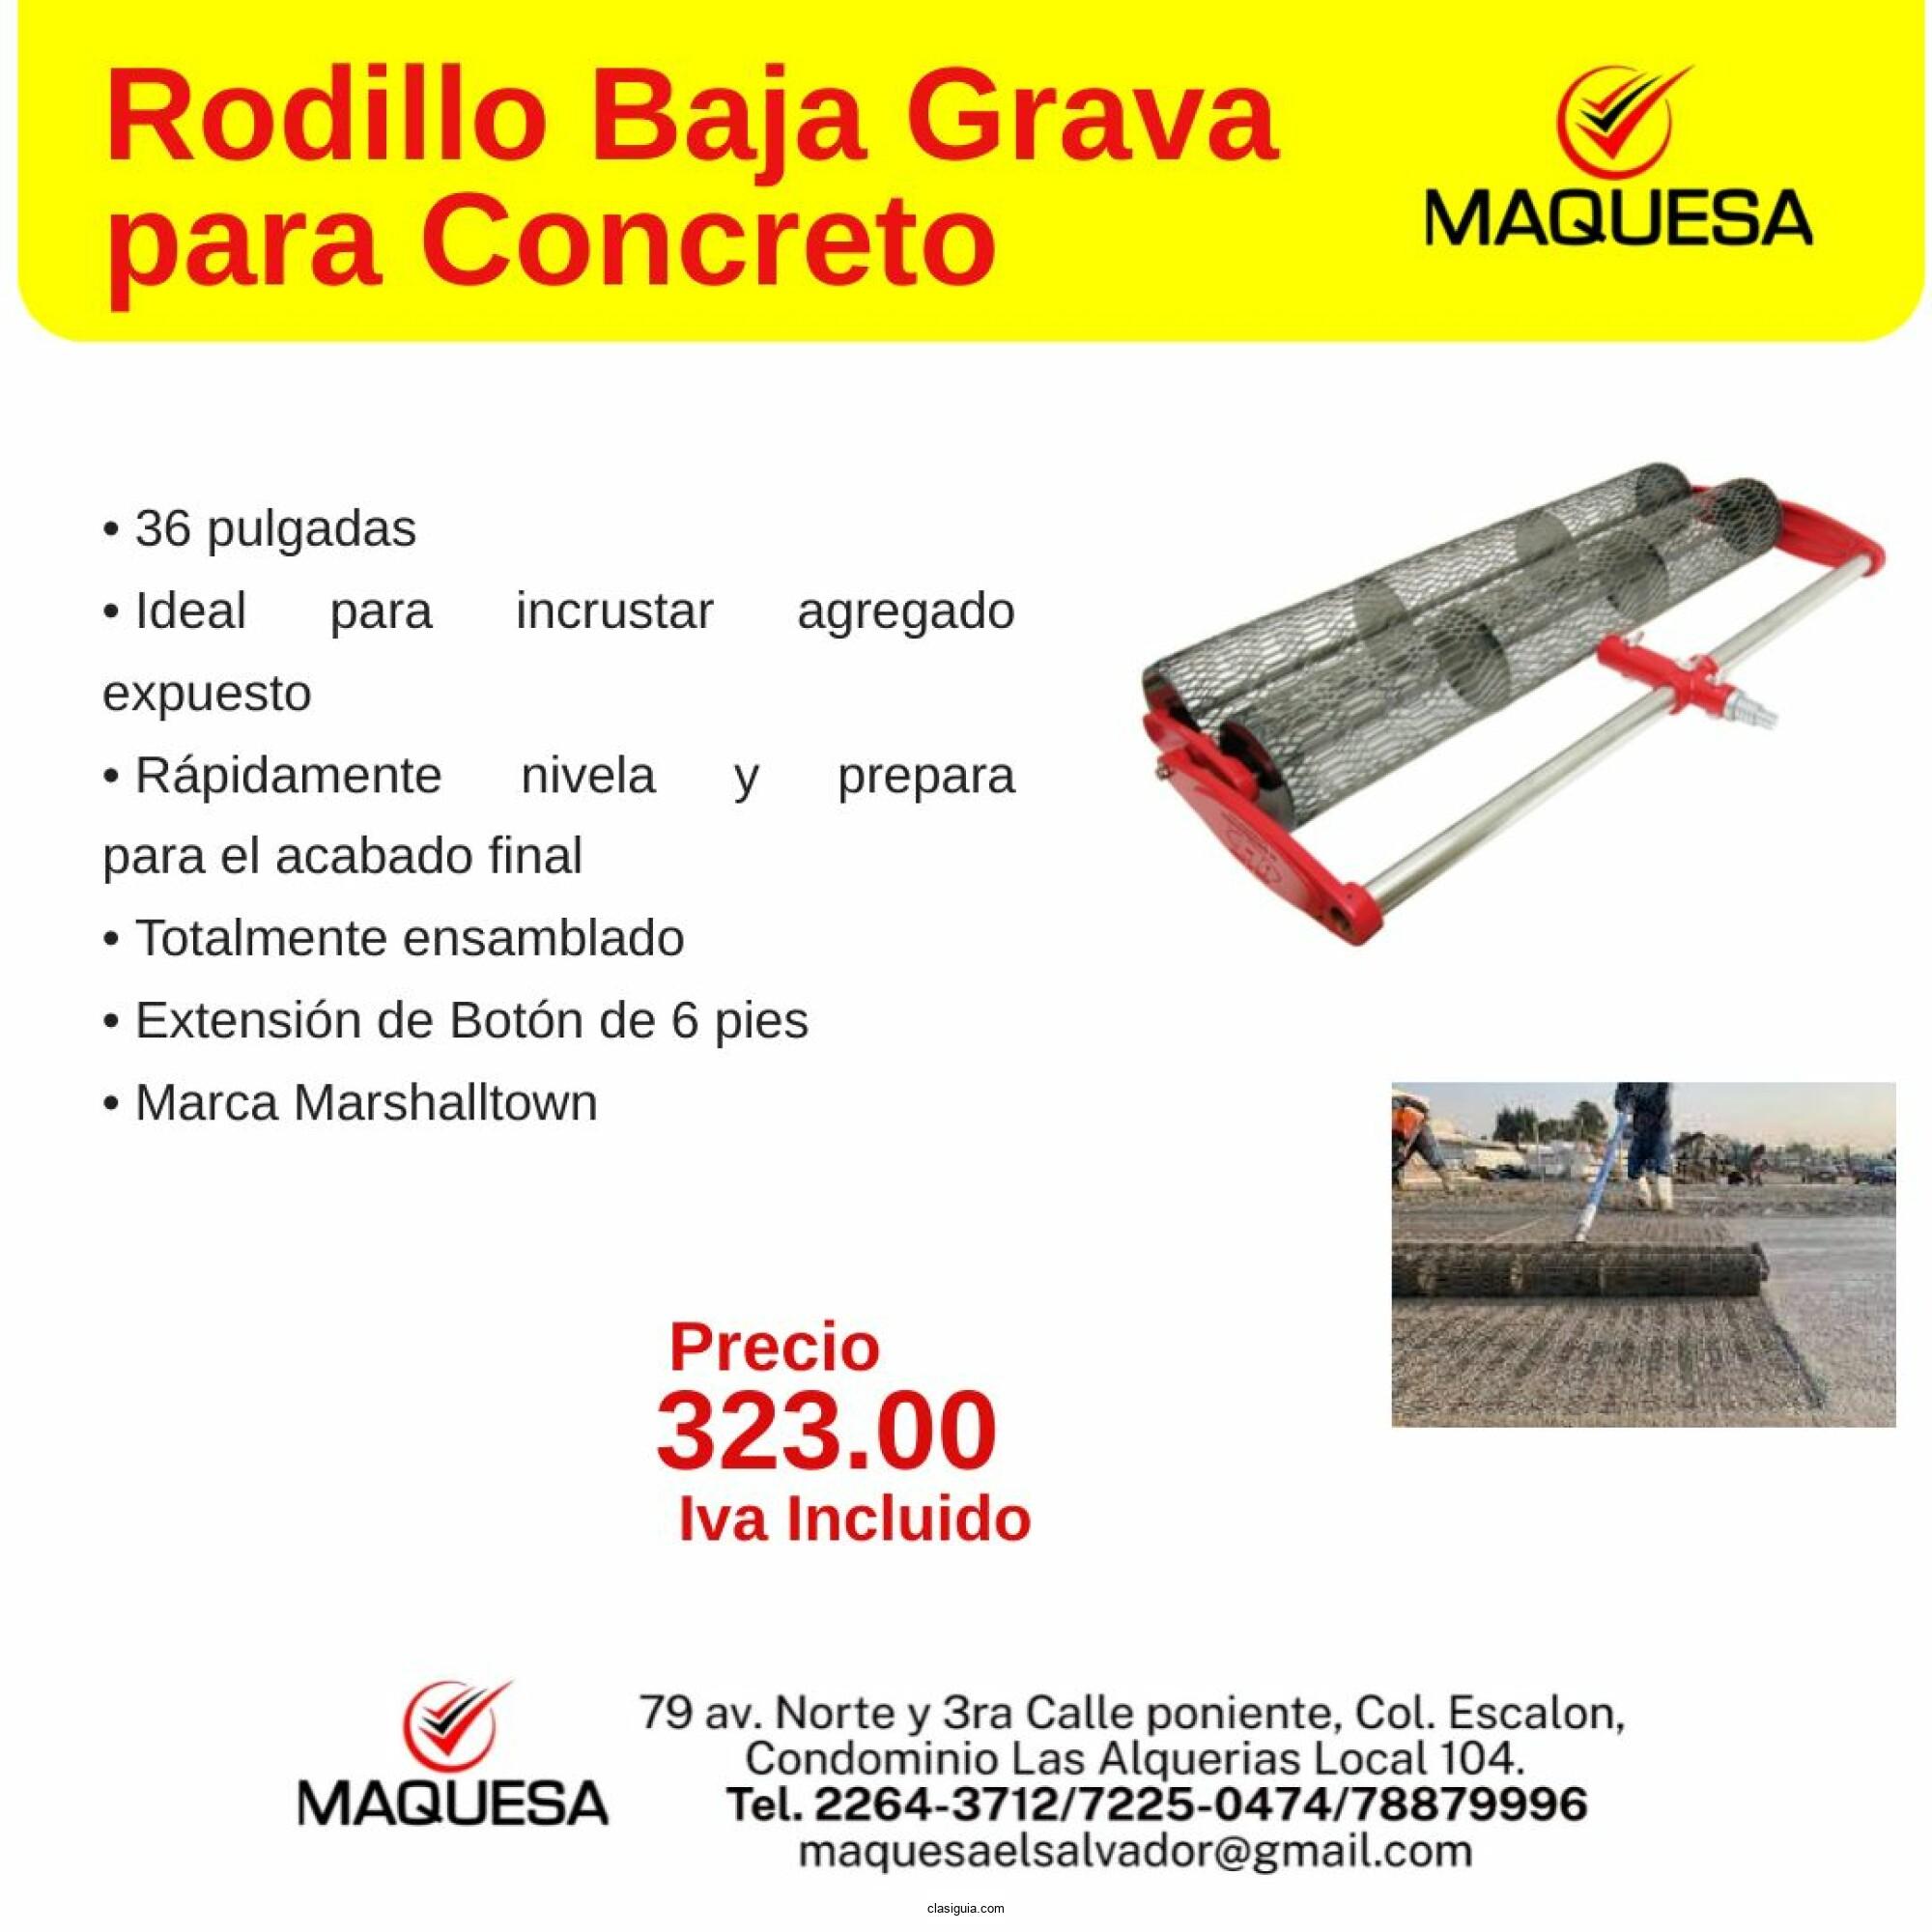 Rodillo Baja Grava